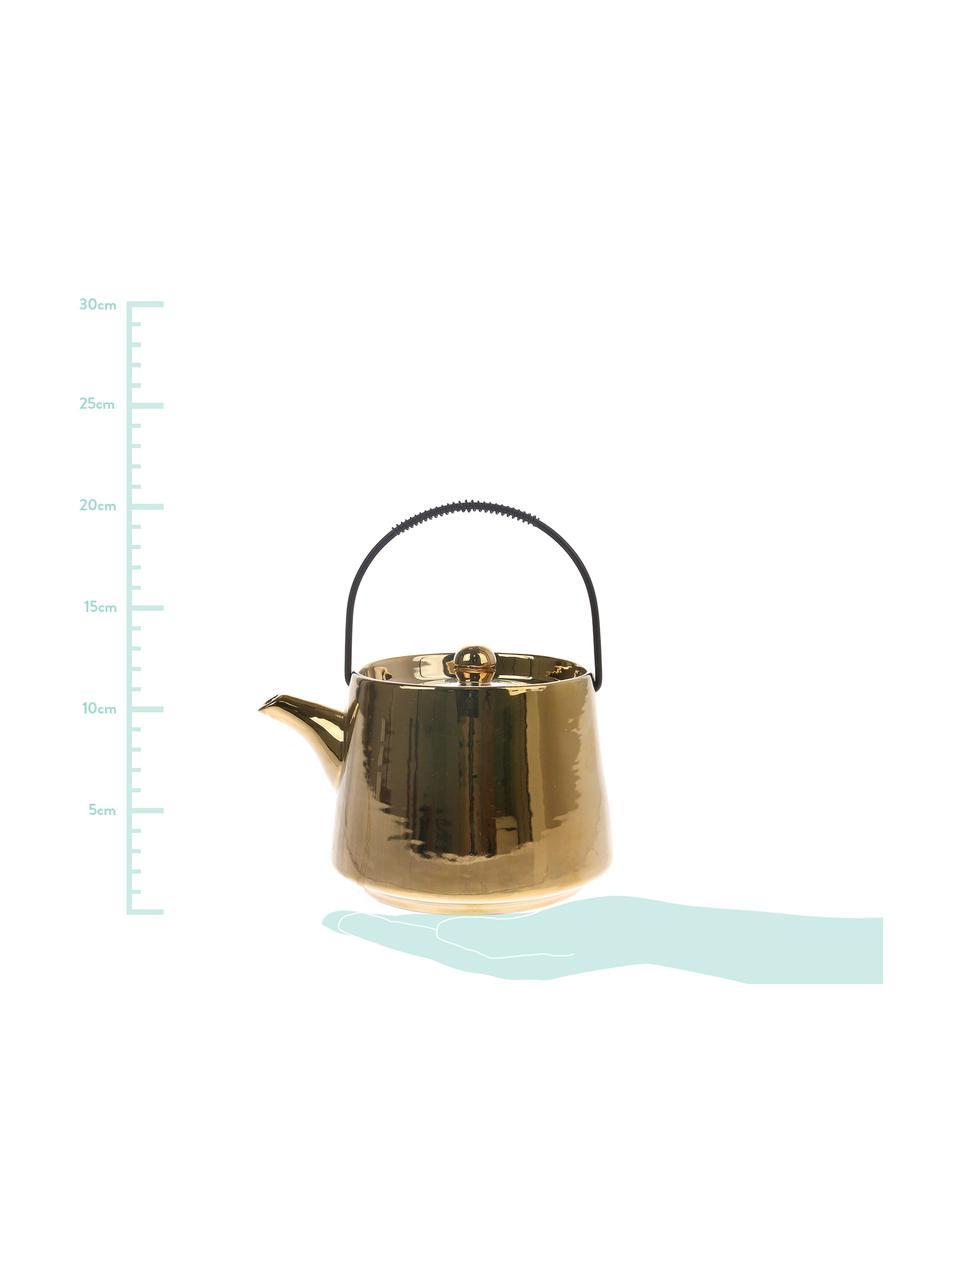 Handgemachte Teekanne Bold & Basic, 840 ml, Griff: Stahl, Goldfarben, hochglänzendGriff: Schwarz, 840 ml